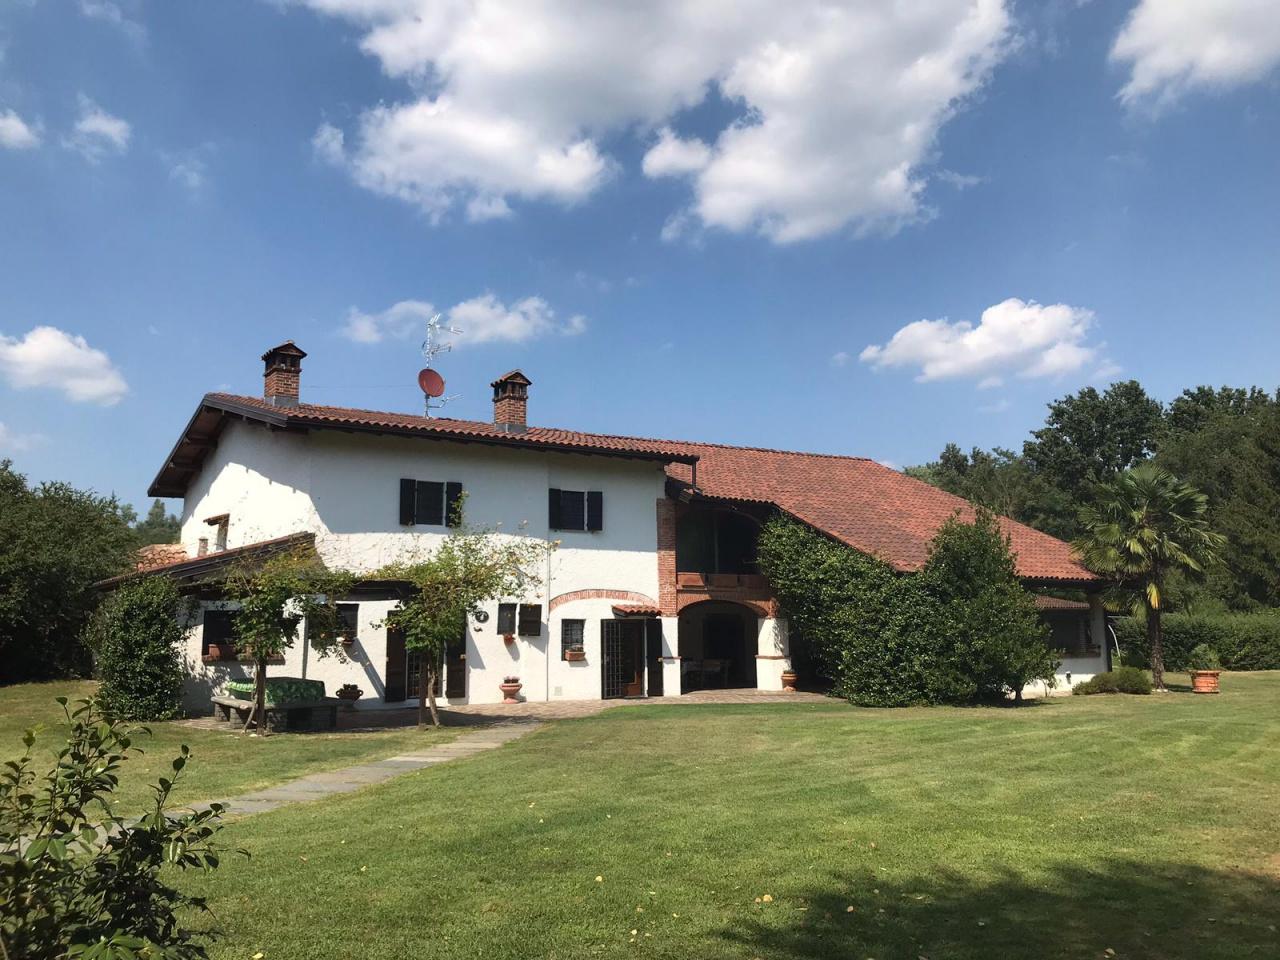 Rustico / Casale in vendita a Varallo Pombia, 8 locali, prezzo € 1.000.000 | PortaleAgenzieImmobiliari.it